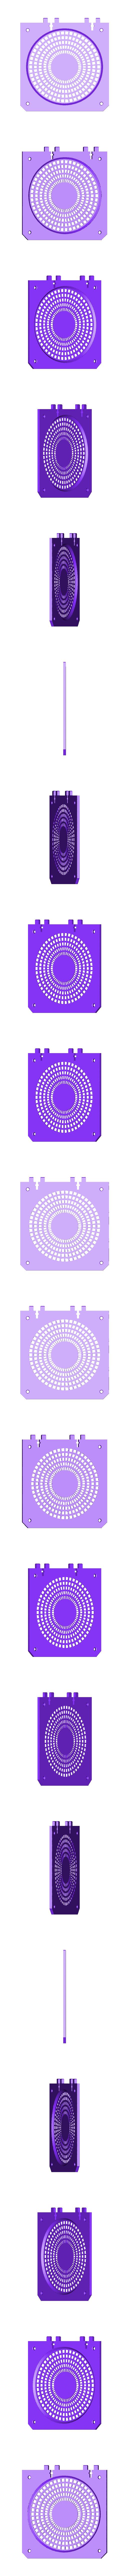 140mmFANmainboardANETa6.stl Télécharger fichier STL gratuit Ventilateur 140mm pour plaque Anet a6 • Objet à imprimer en 3D, hitchabout